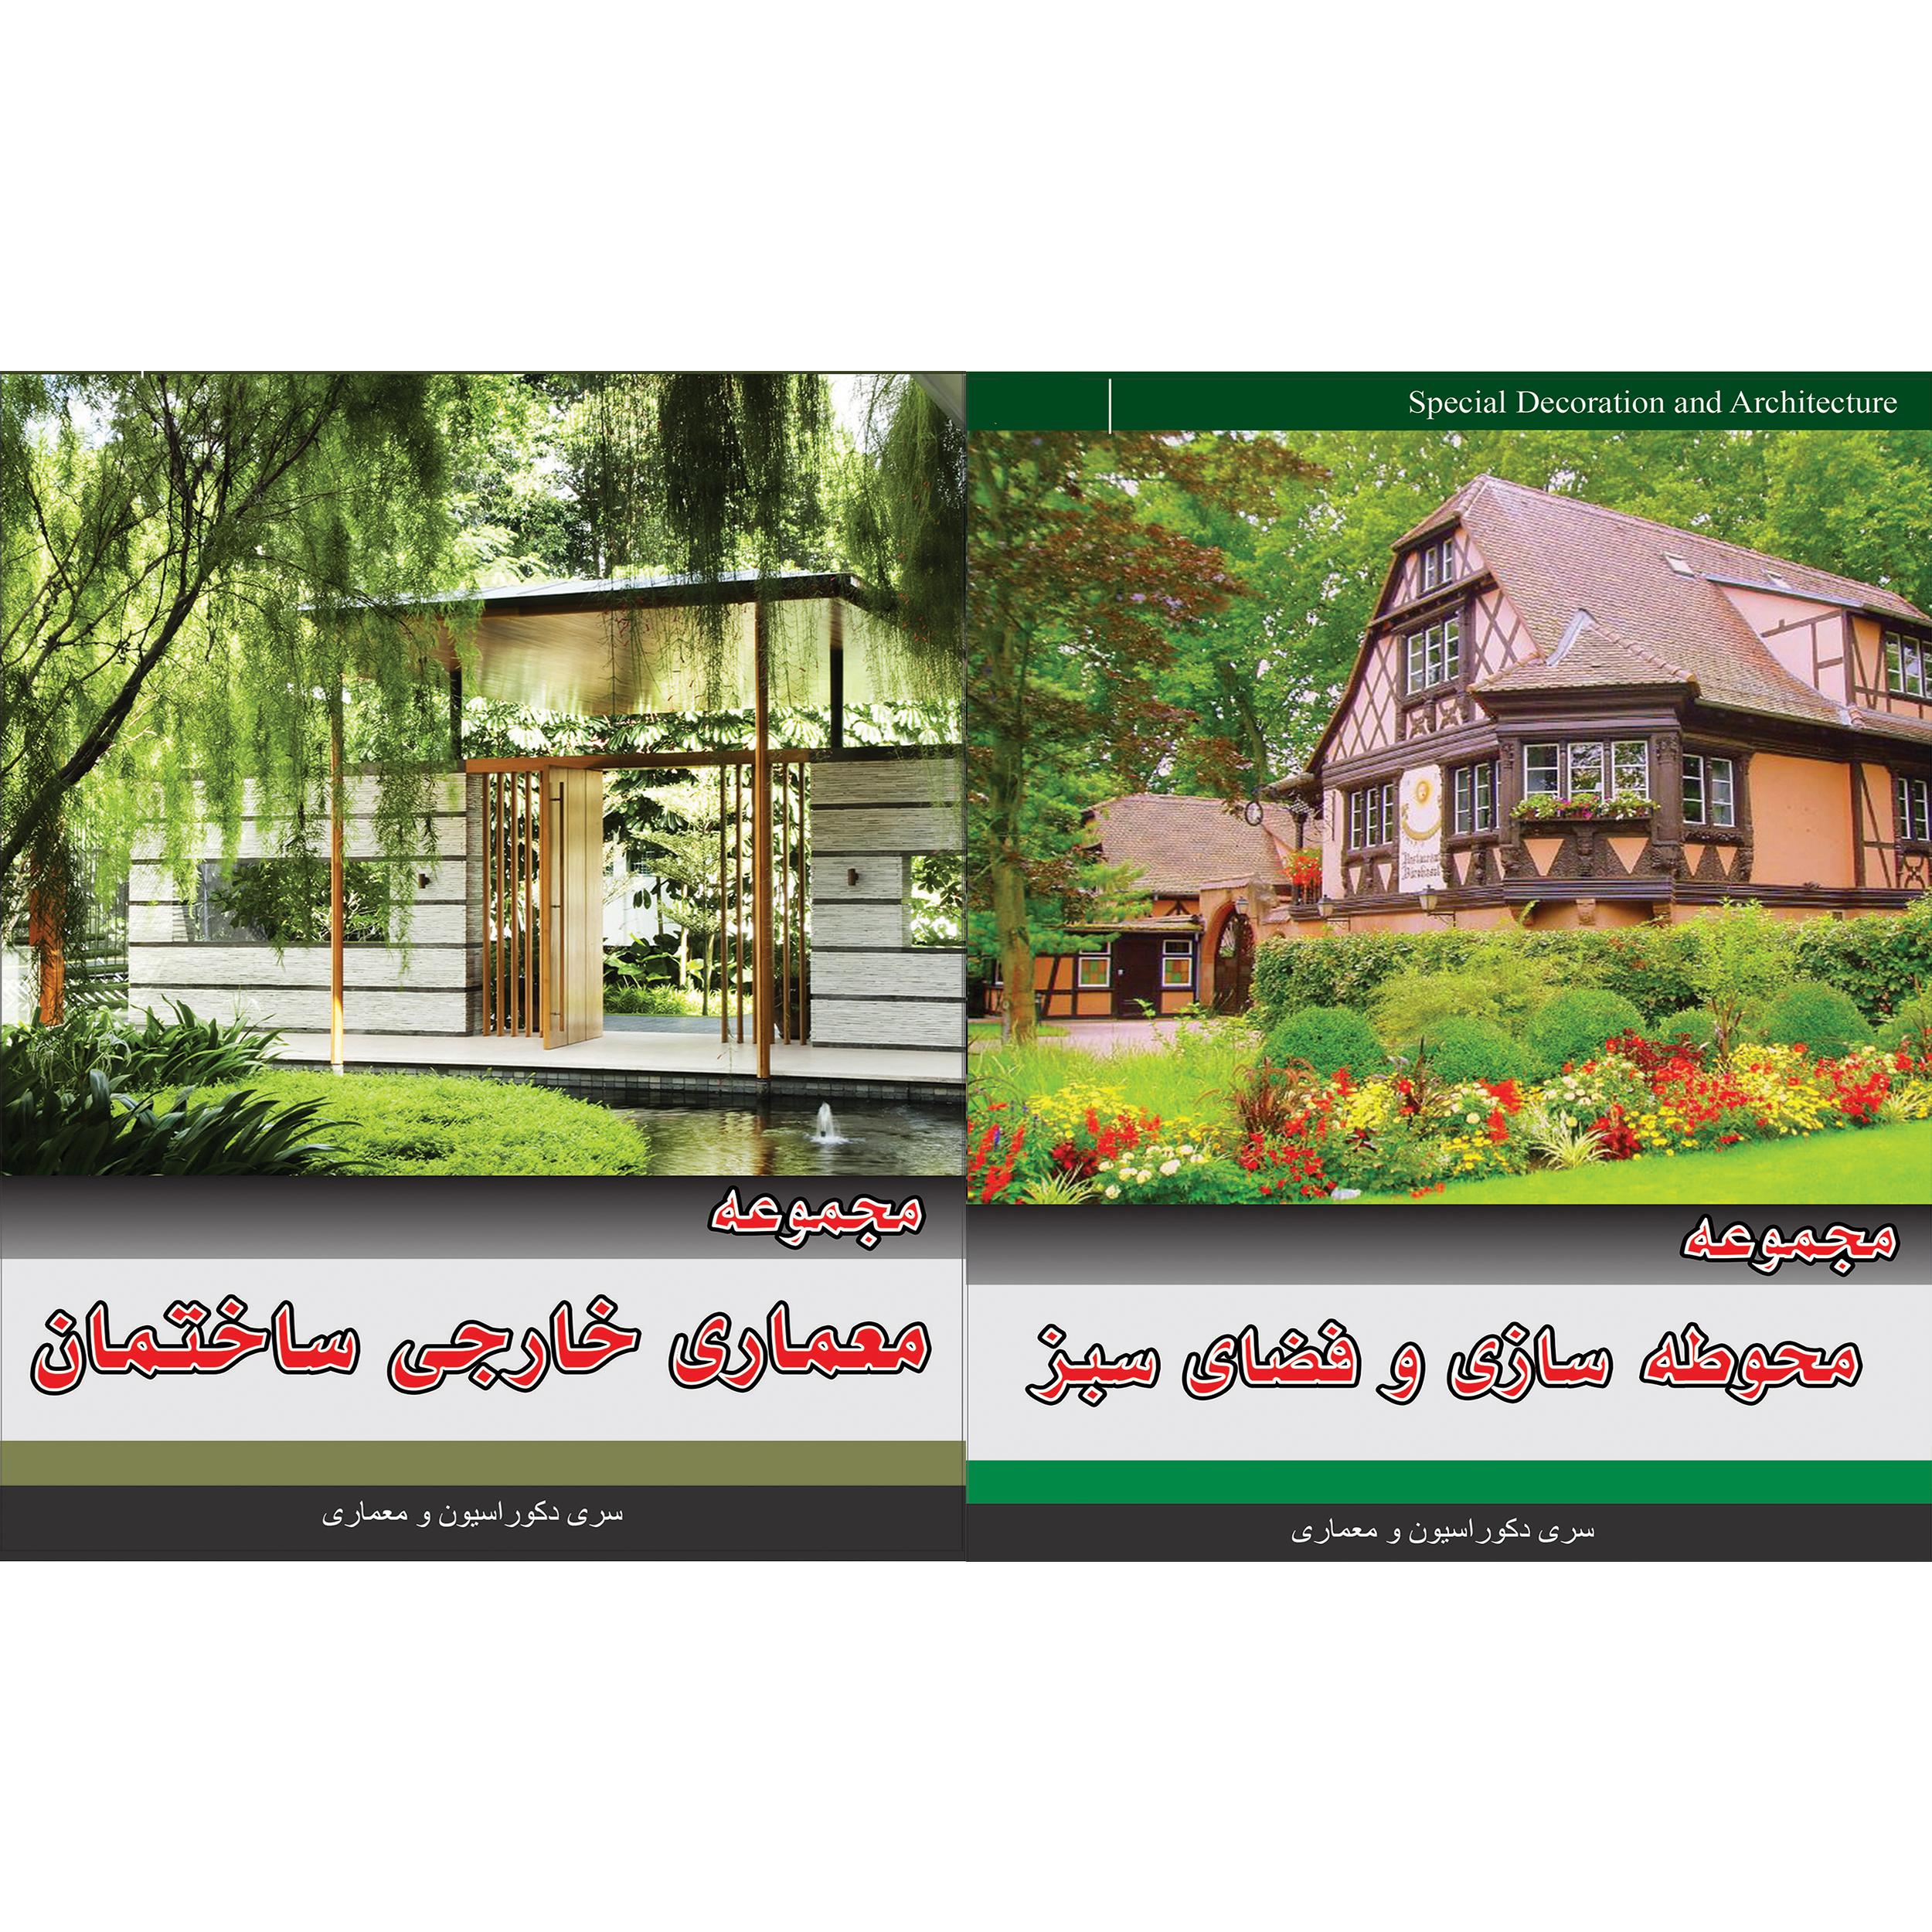 مجموعه تصاویر محوطه سازی و فضای سبز نشر جی ای بانک به همراه مجموعه تصاویر معماری خارجی ساختمان نشر جی ای بانک